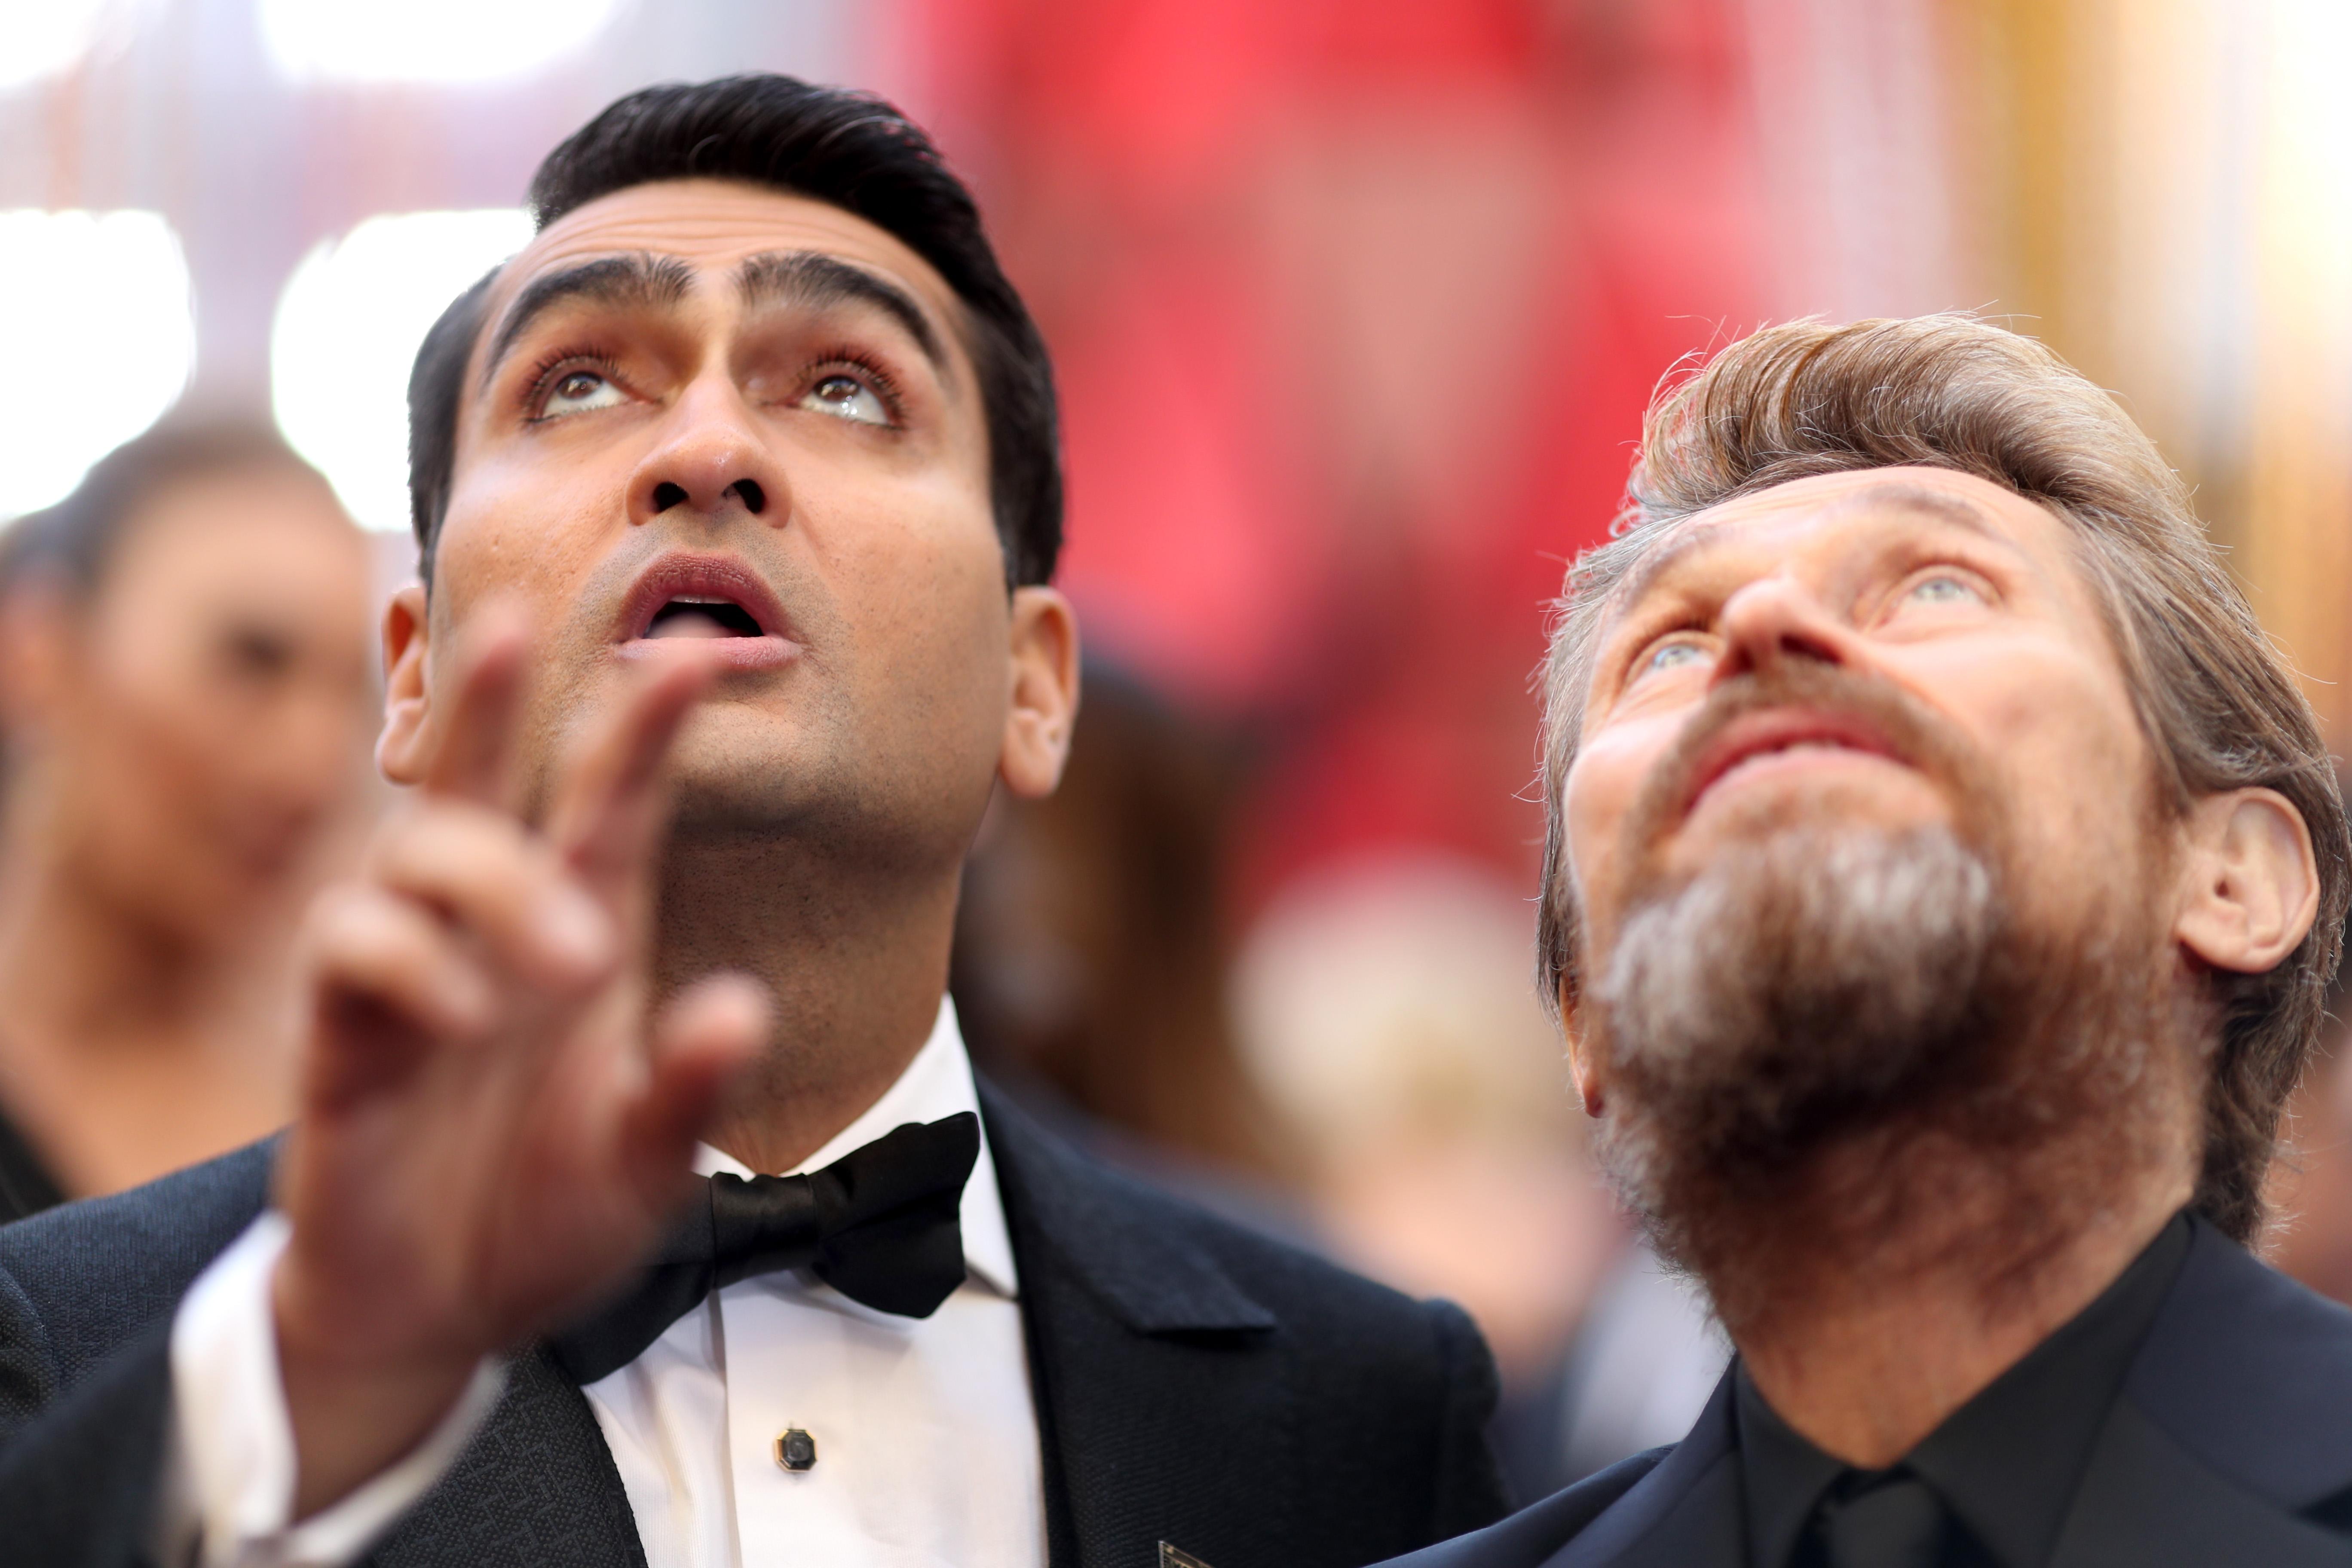 Repül az Oscar-díj, ki tudja, hol áll meg...